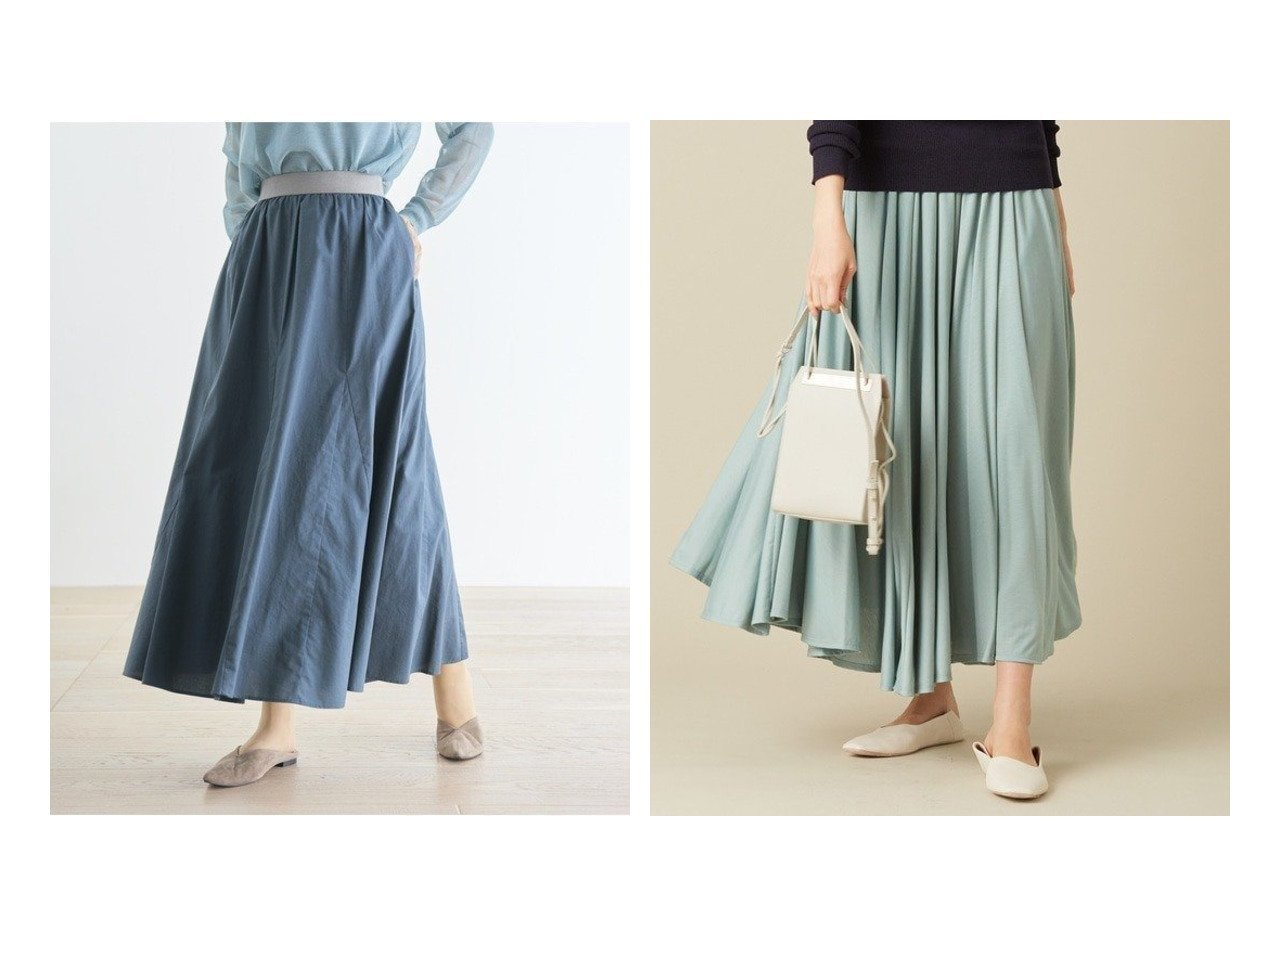 【#Newans/ハッシュニュアンス】の【洗える&ノンアイロン】 フレアスカート&【iCB/アイシービー】の【浅見れいなさん着用】Sheer Maxi スカート スカートのおすすめ!人気、レディースファッションの通販 おすすめで人気のファッション通販商品 インテリア・家具・キッズファッション・メンズファッション・レディースファッション・服の通販 founy(ファニー) https://founy.com/ ファッション Fashion レディース WOMEN スカート Skirt Aライン/フレアスカート Flared A-Line Skirts ウォッシャブル コーティング シリコン タイプライター フレア リラックス エレガント ジャケット ベーシック 春 秋  ID:crp329100000003165